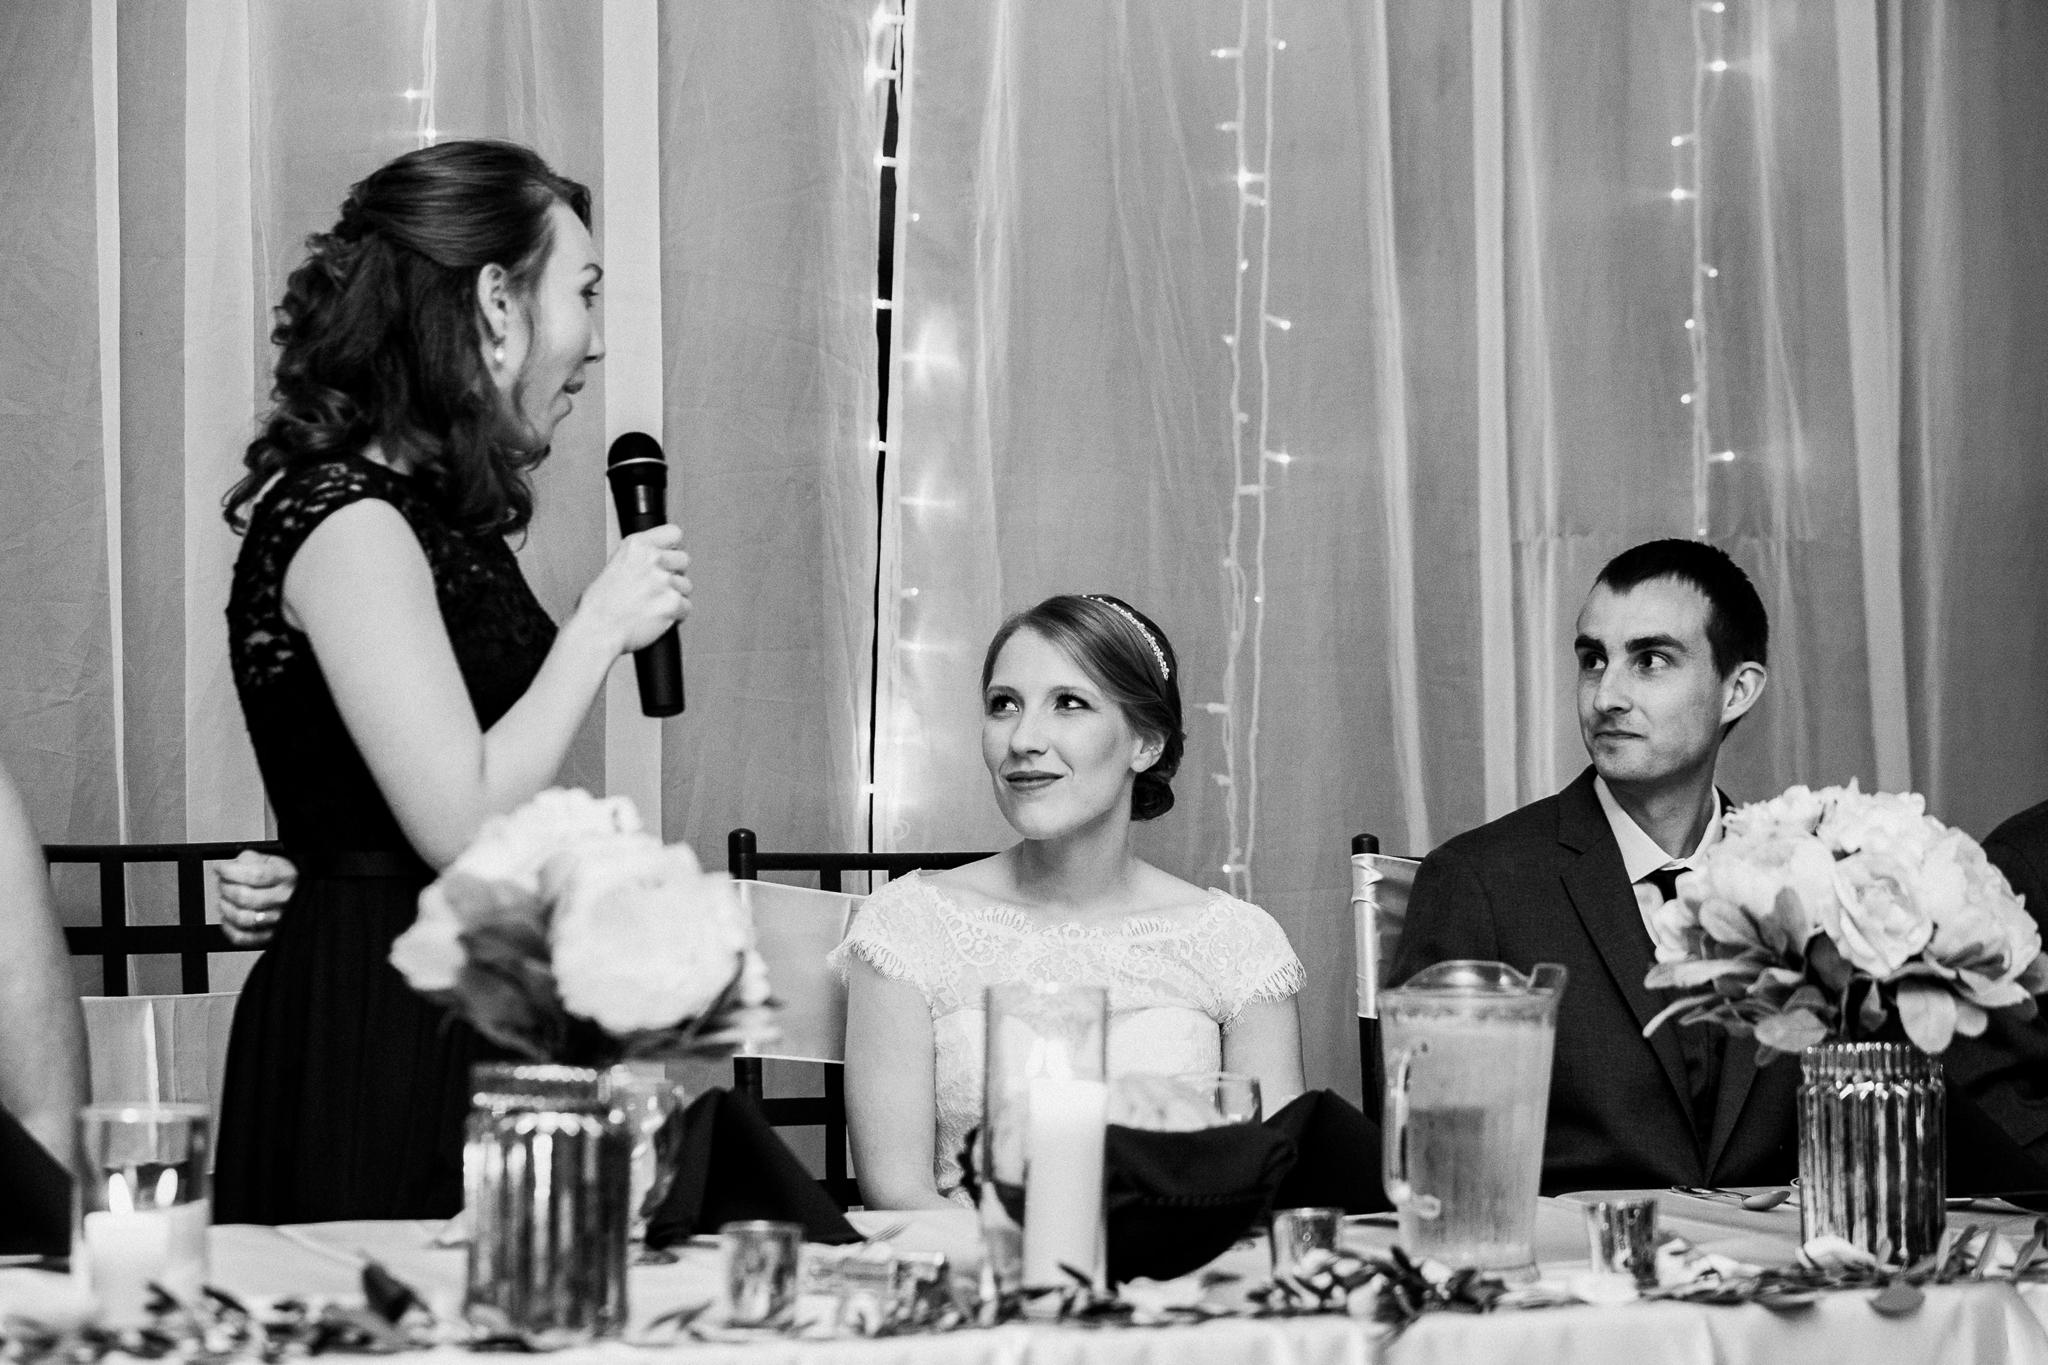 noahs_event_venue_naperville_IL_wedding_photographer_0060.jpg